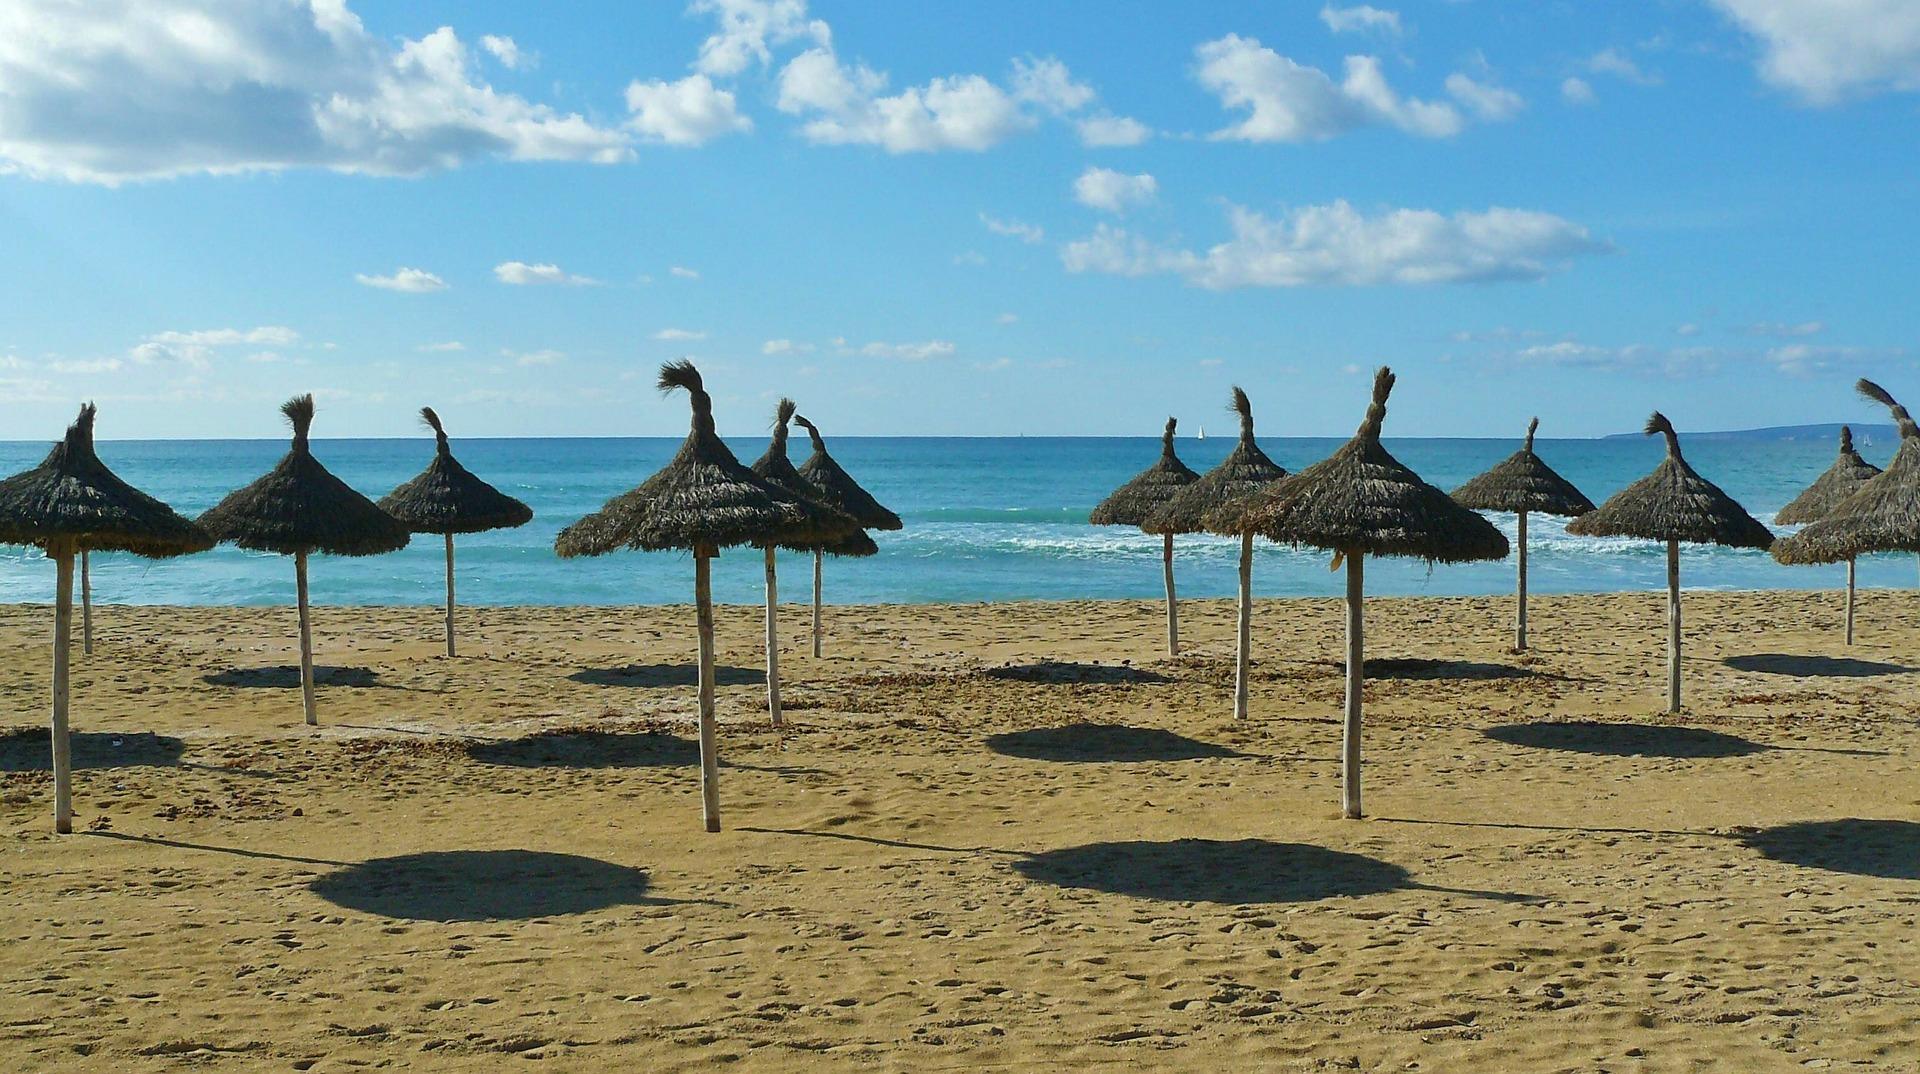 Playa de Palma Urlaub im Viertel von S'Arenal